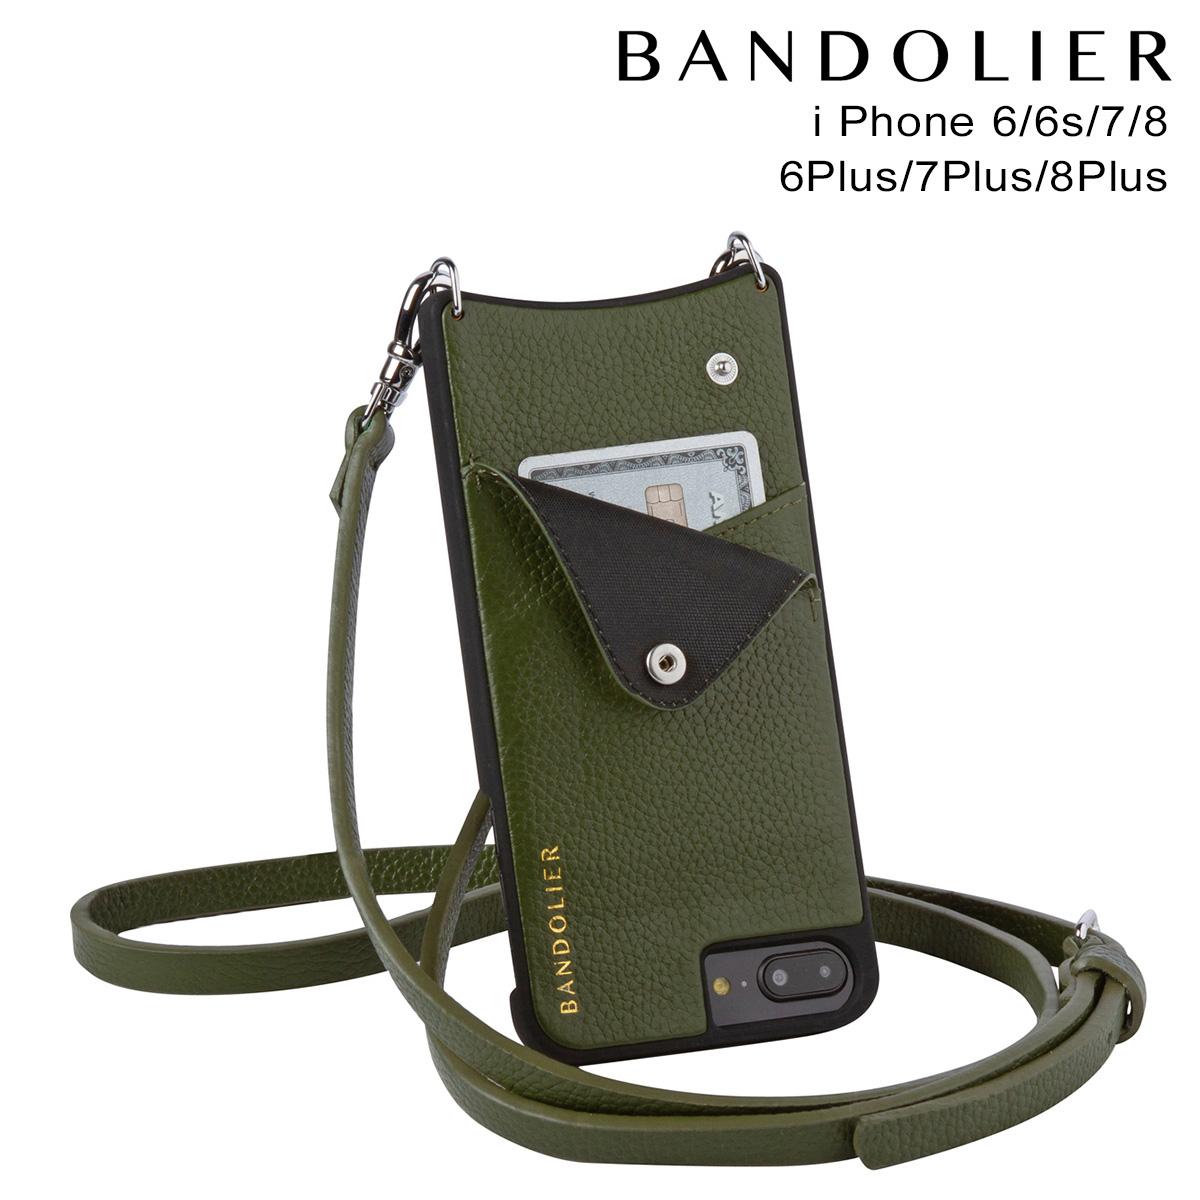 BANDOLIER EMMA CACTUS バンドリヤー iPhone8 iPhone7 7Plus 6s ケース スマホ アイフォン プラス メンズ レディース